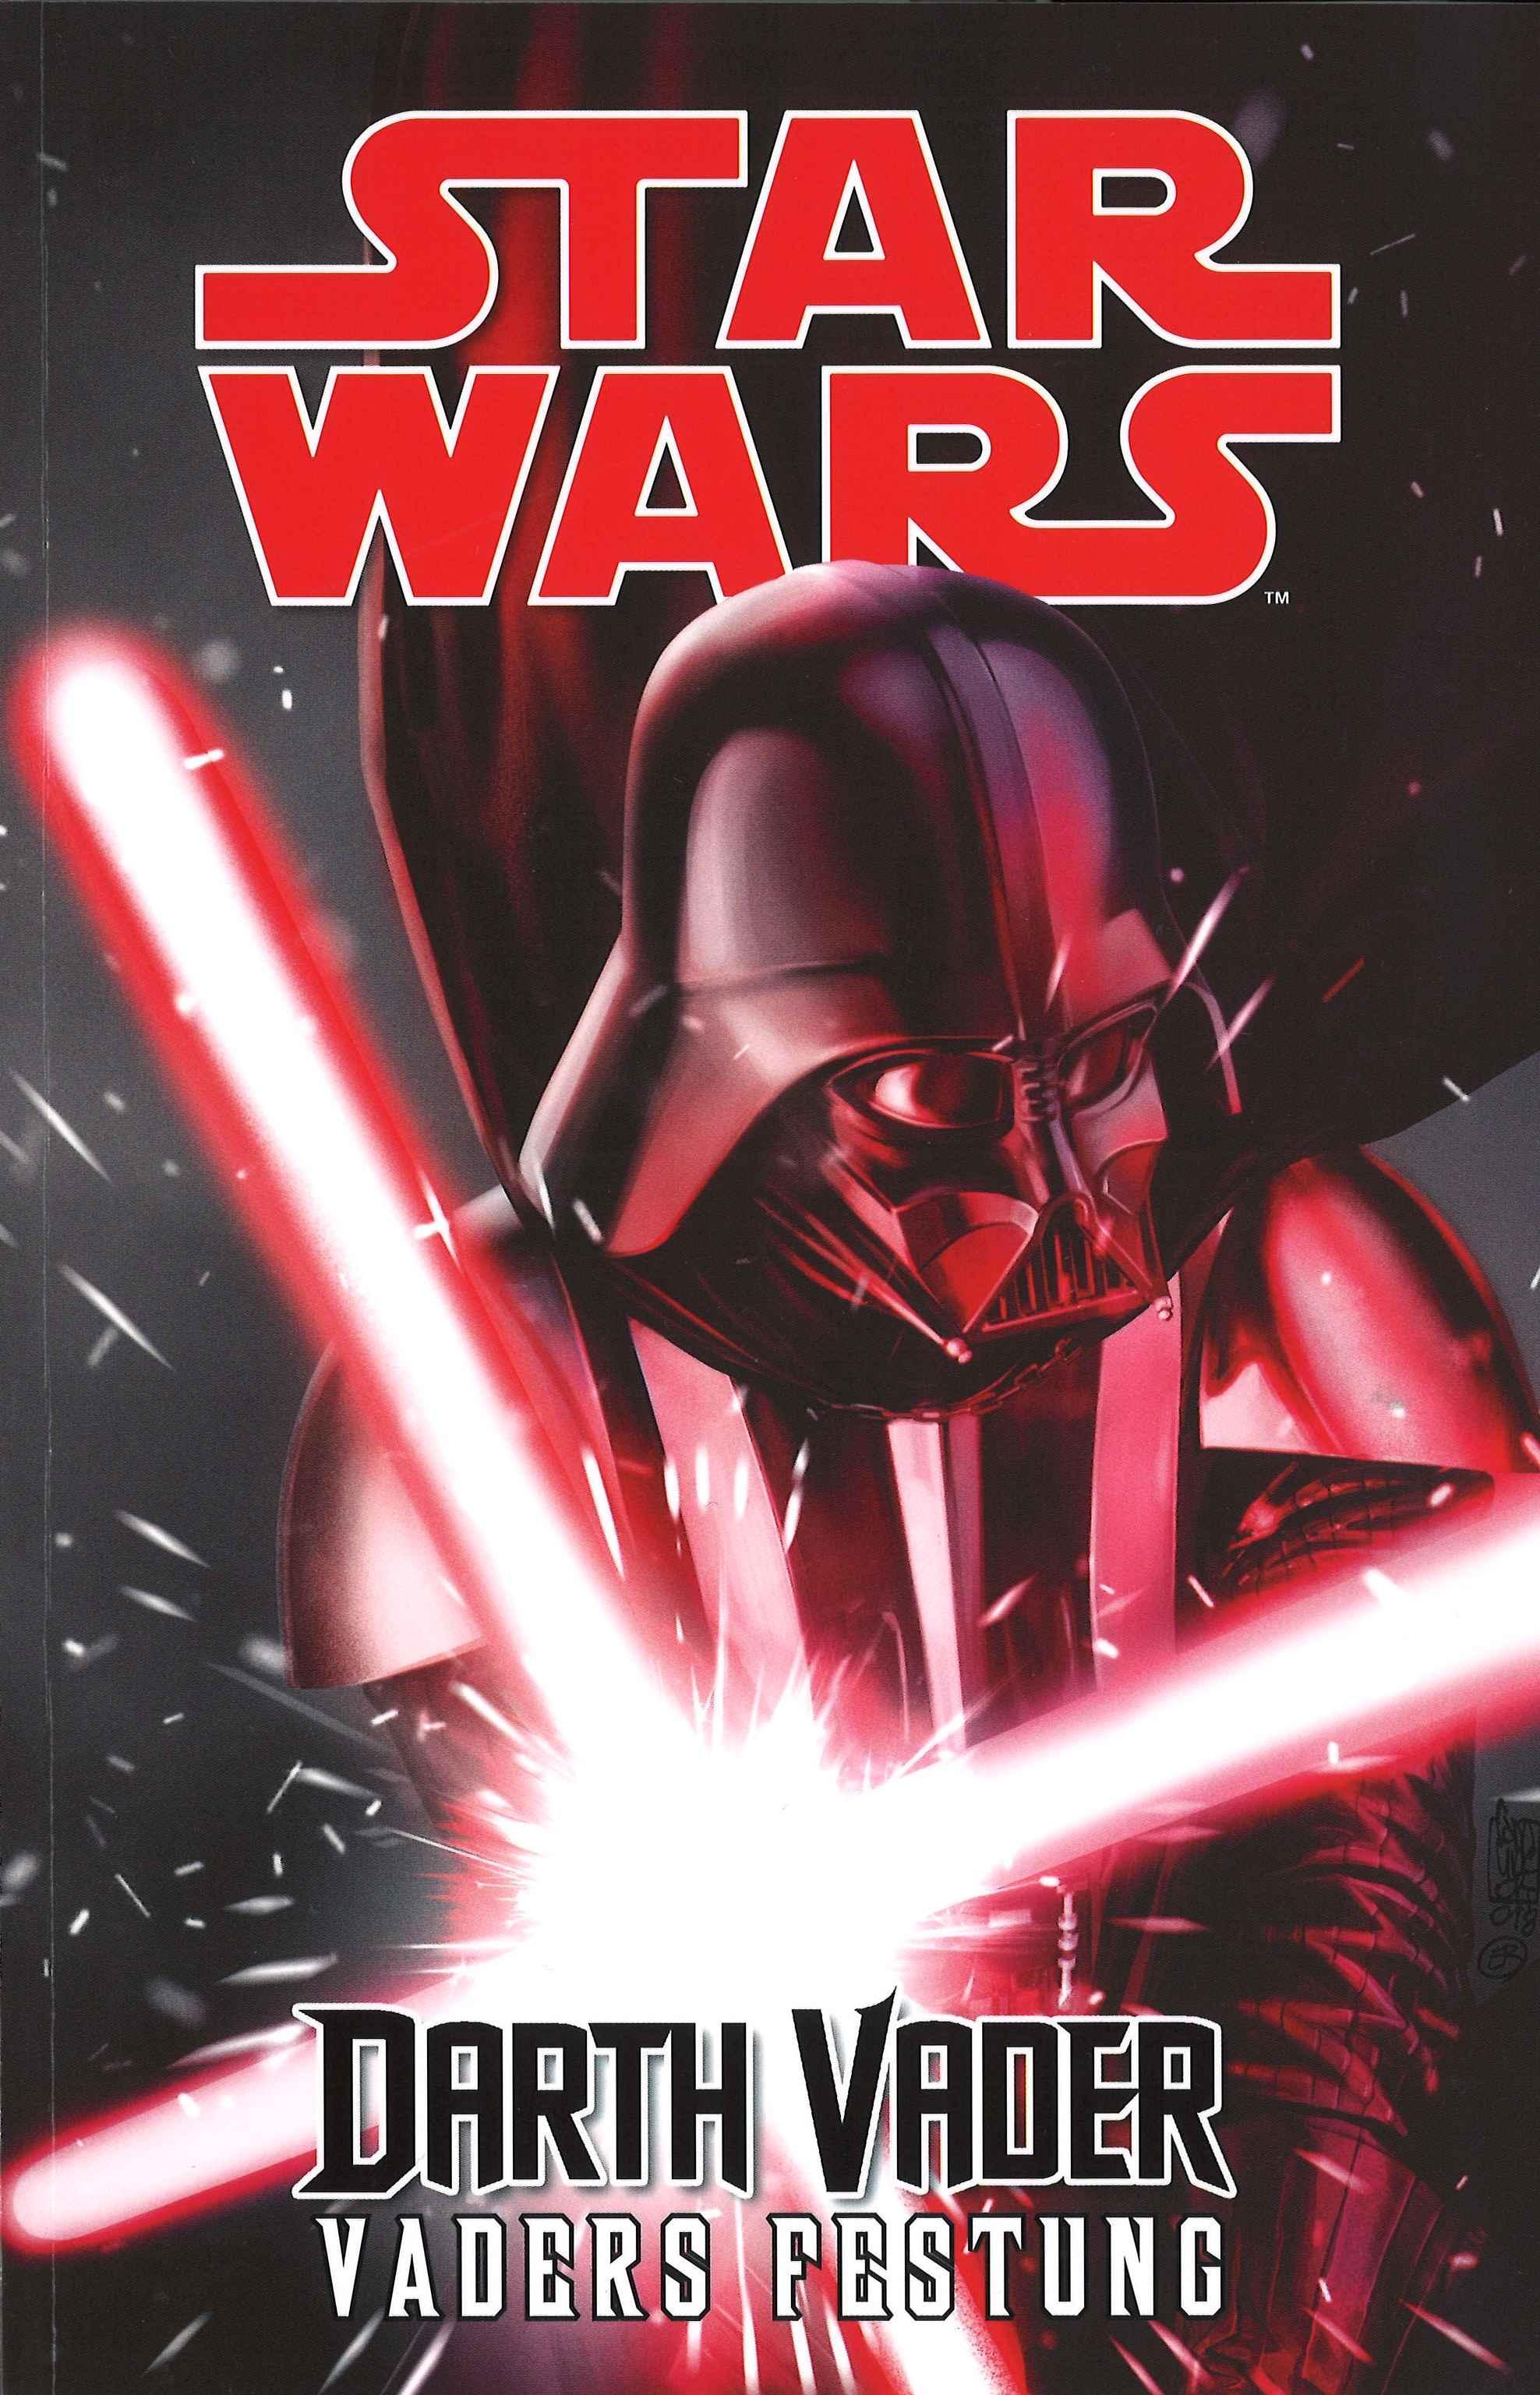 Star Wars - Darth Vader - Vaders Festung